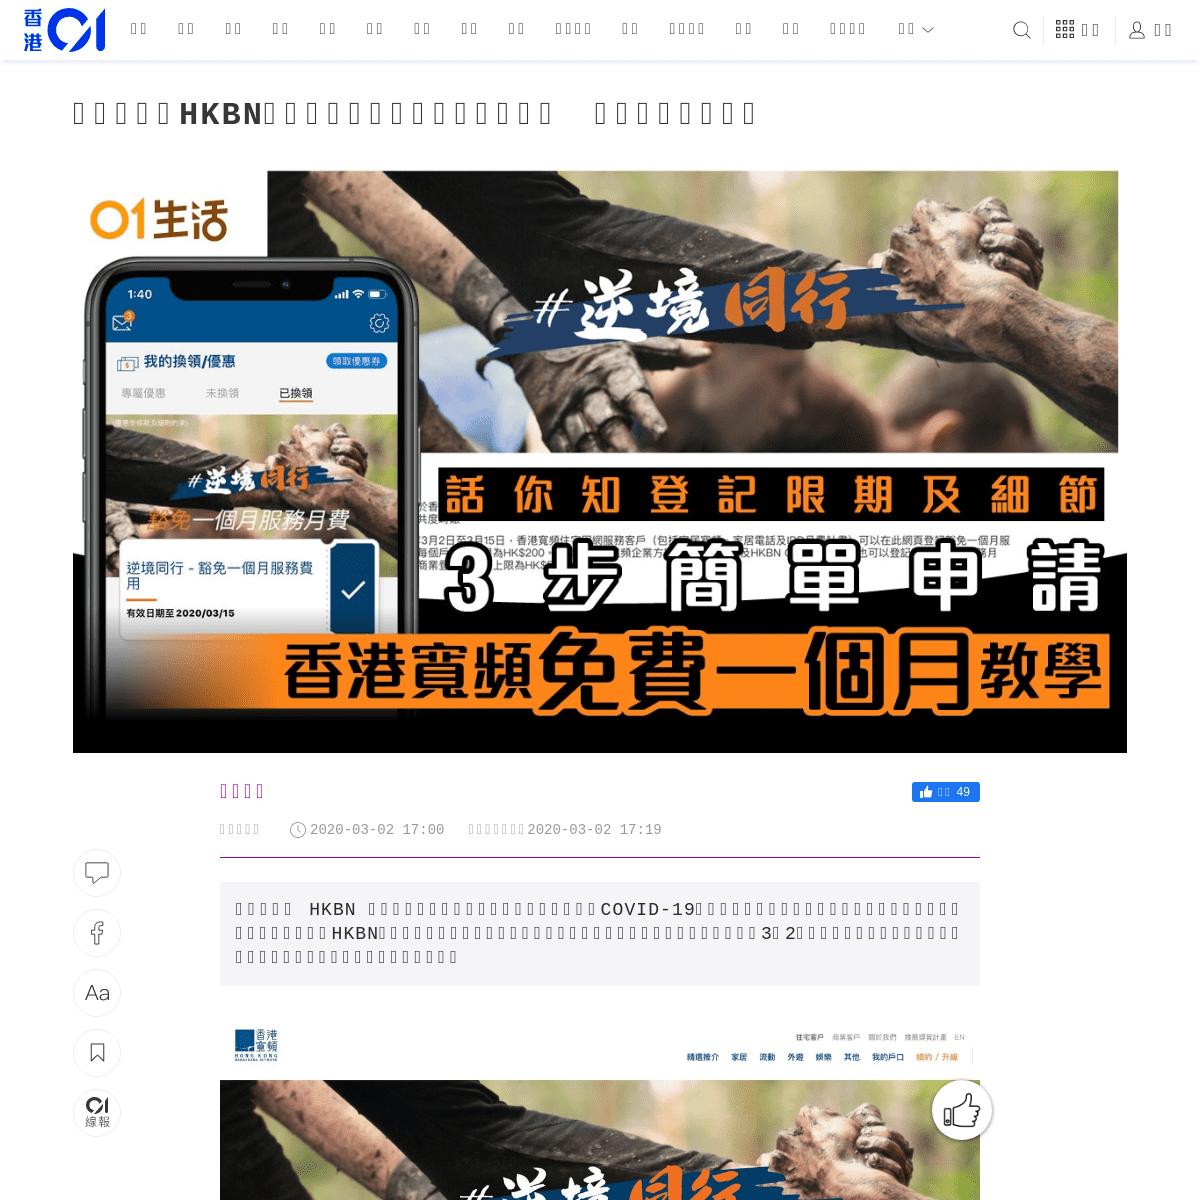 【香港寬頻HKBN免一個月費】三步簡單申請教學 注意日期細節限制